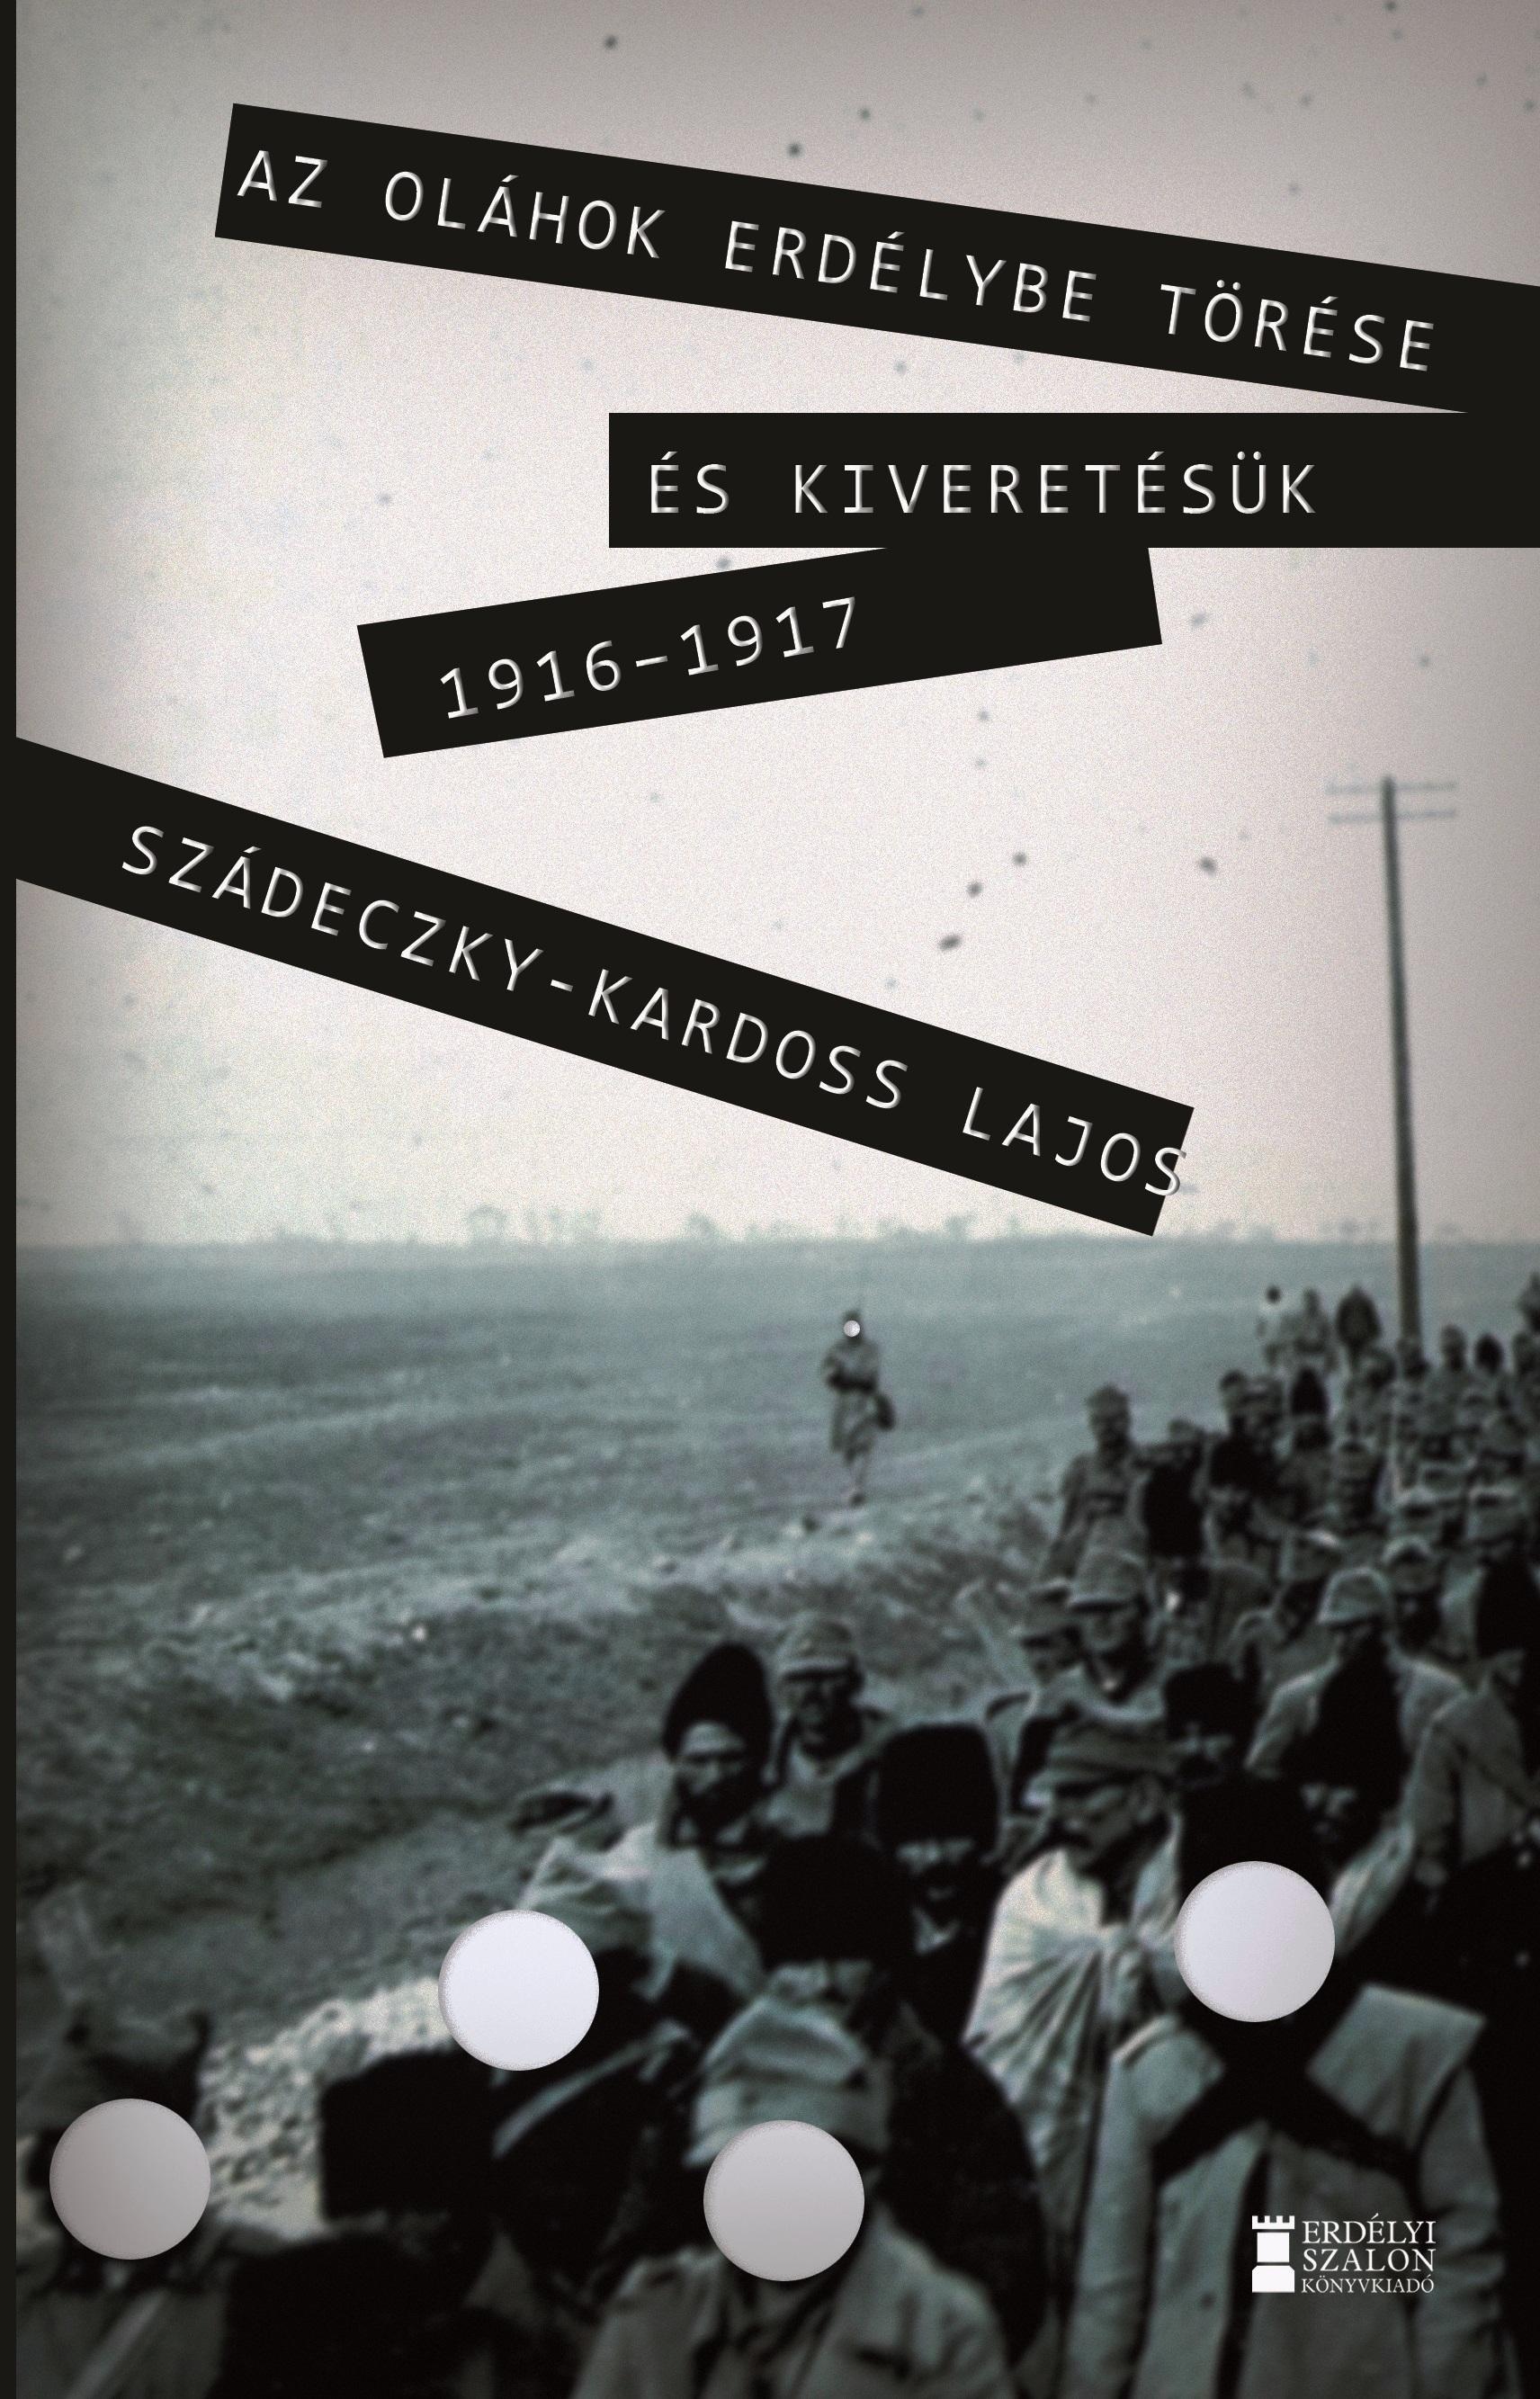 Az oláhok Erdélybe törése és kiveretésük 1916-1917